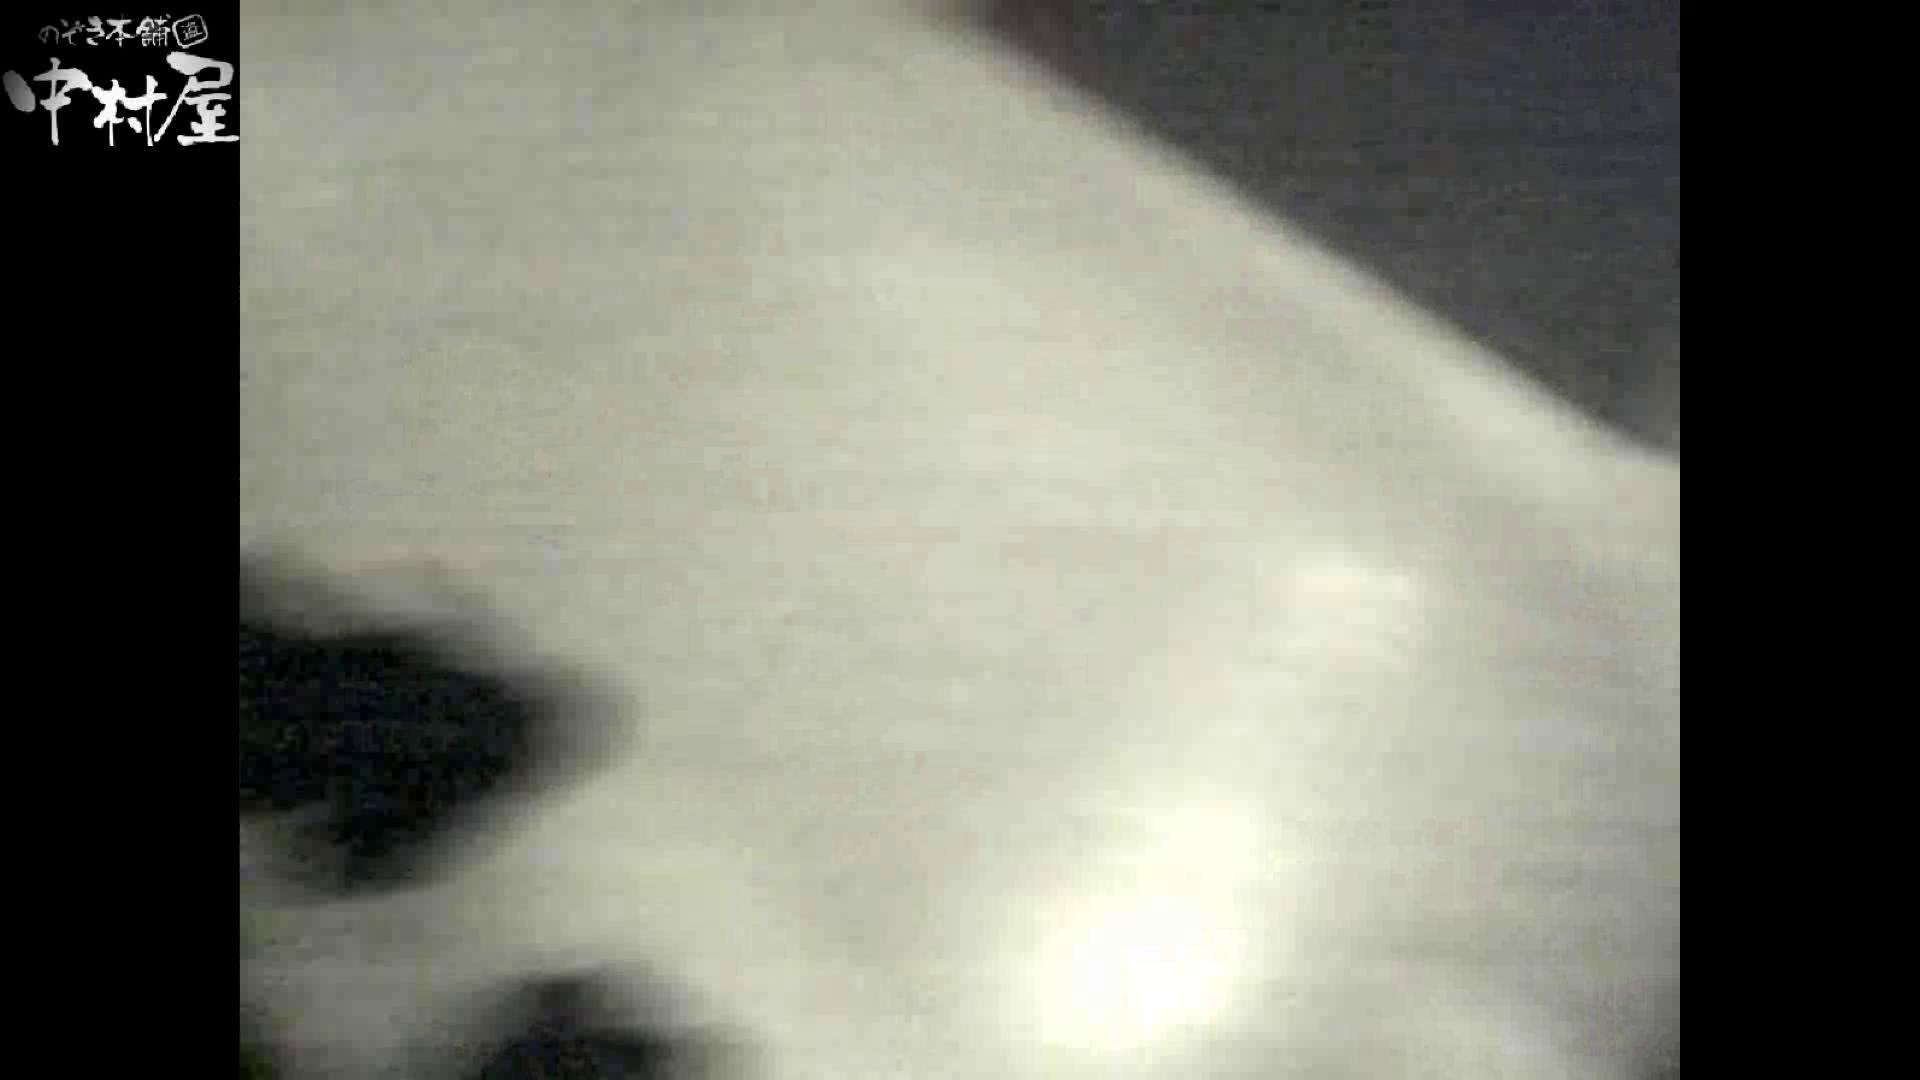 インターネットカフェの中で起こっている出来事 vol.007 卑猥すぎ | カップル映像 のぞき 80PIX 3